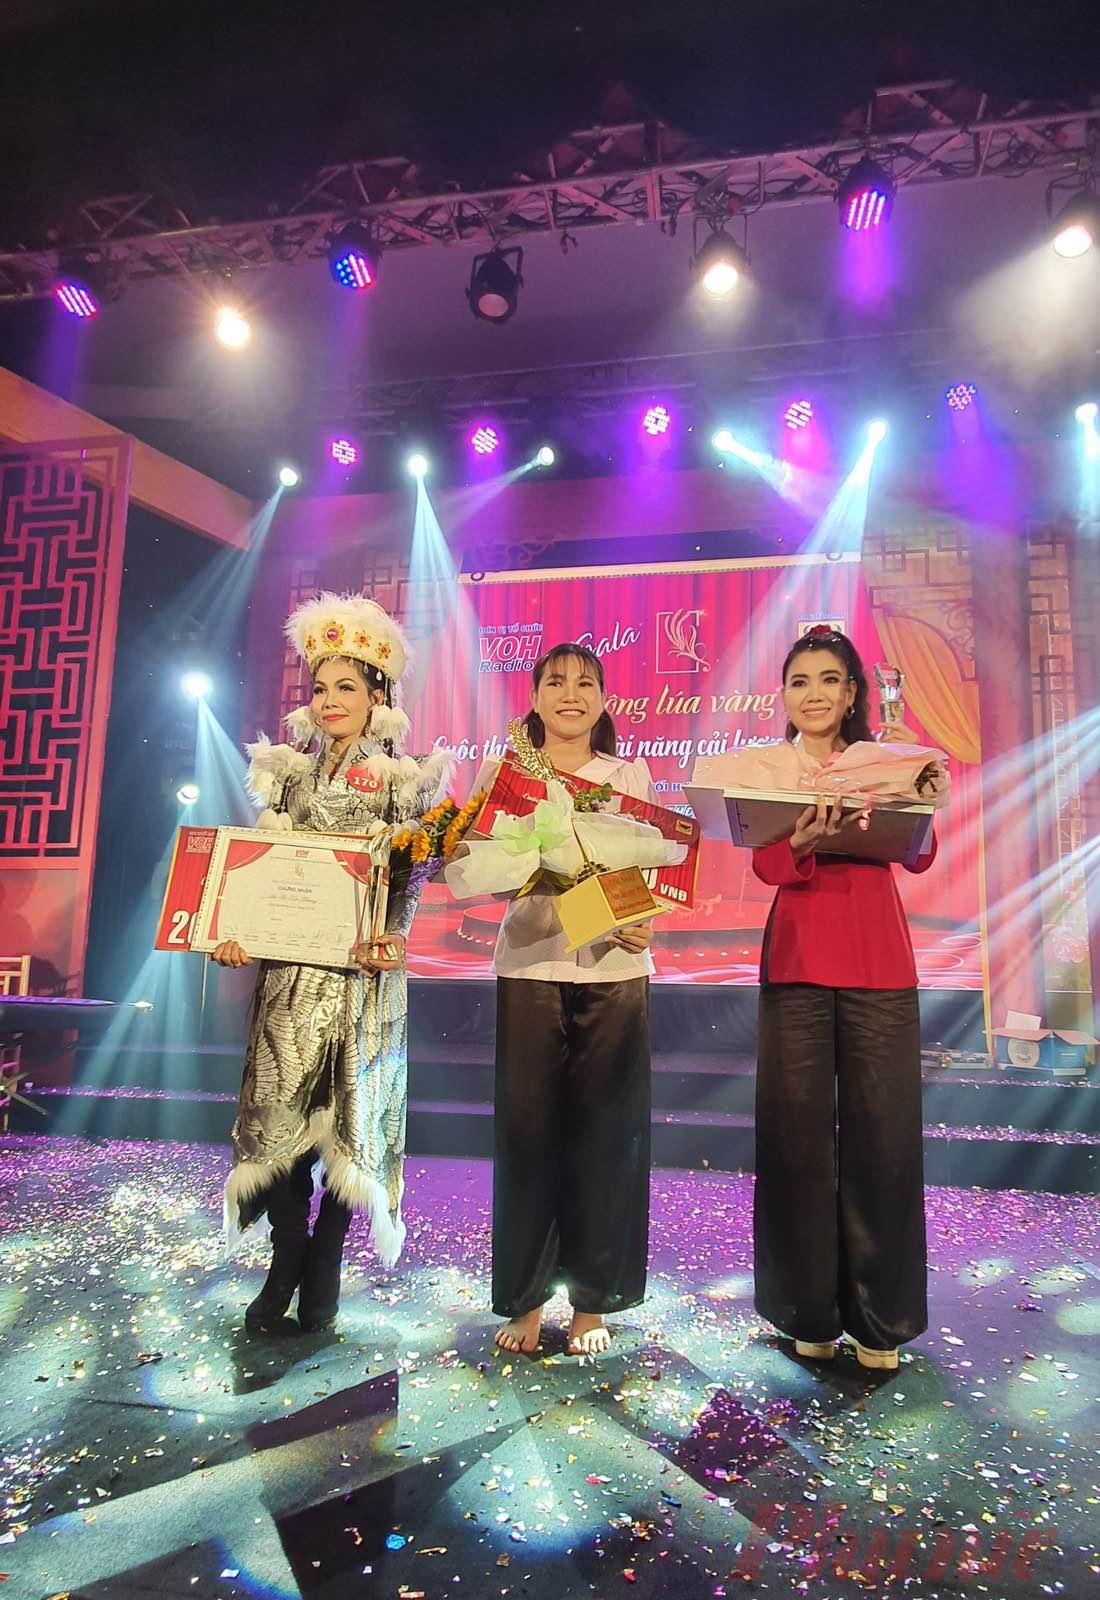 Bảo Ngọc (giữa) chiến thắng thuyết phục để lên ngôi Quán quân cuộc thi Bông Lúa Vàng 2019